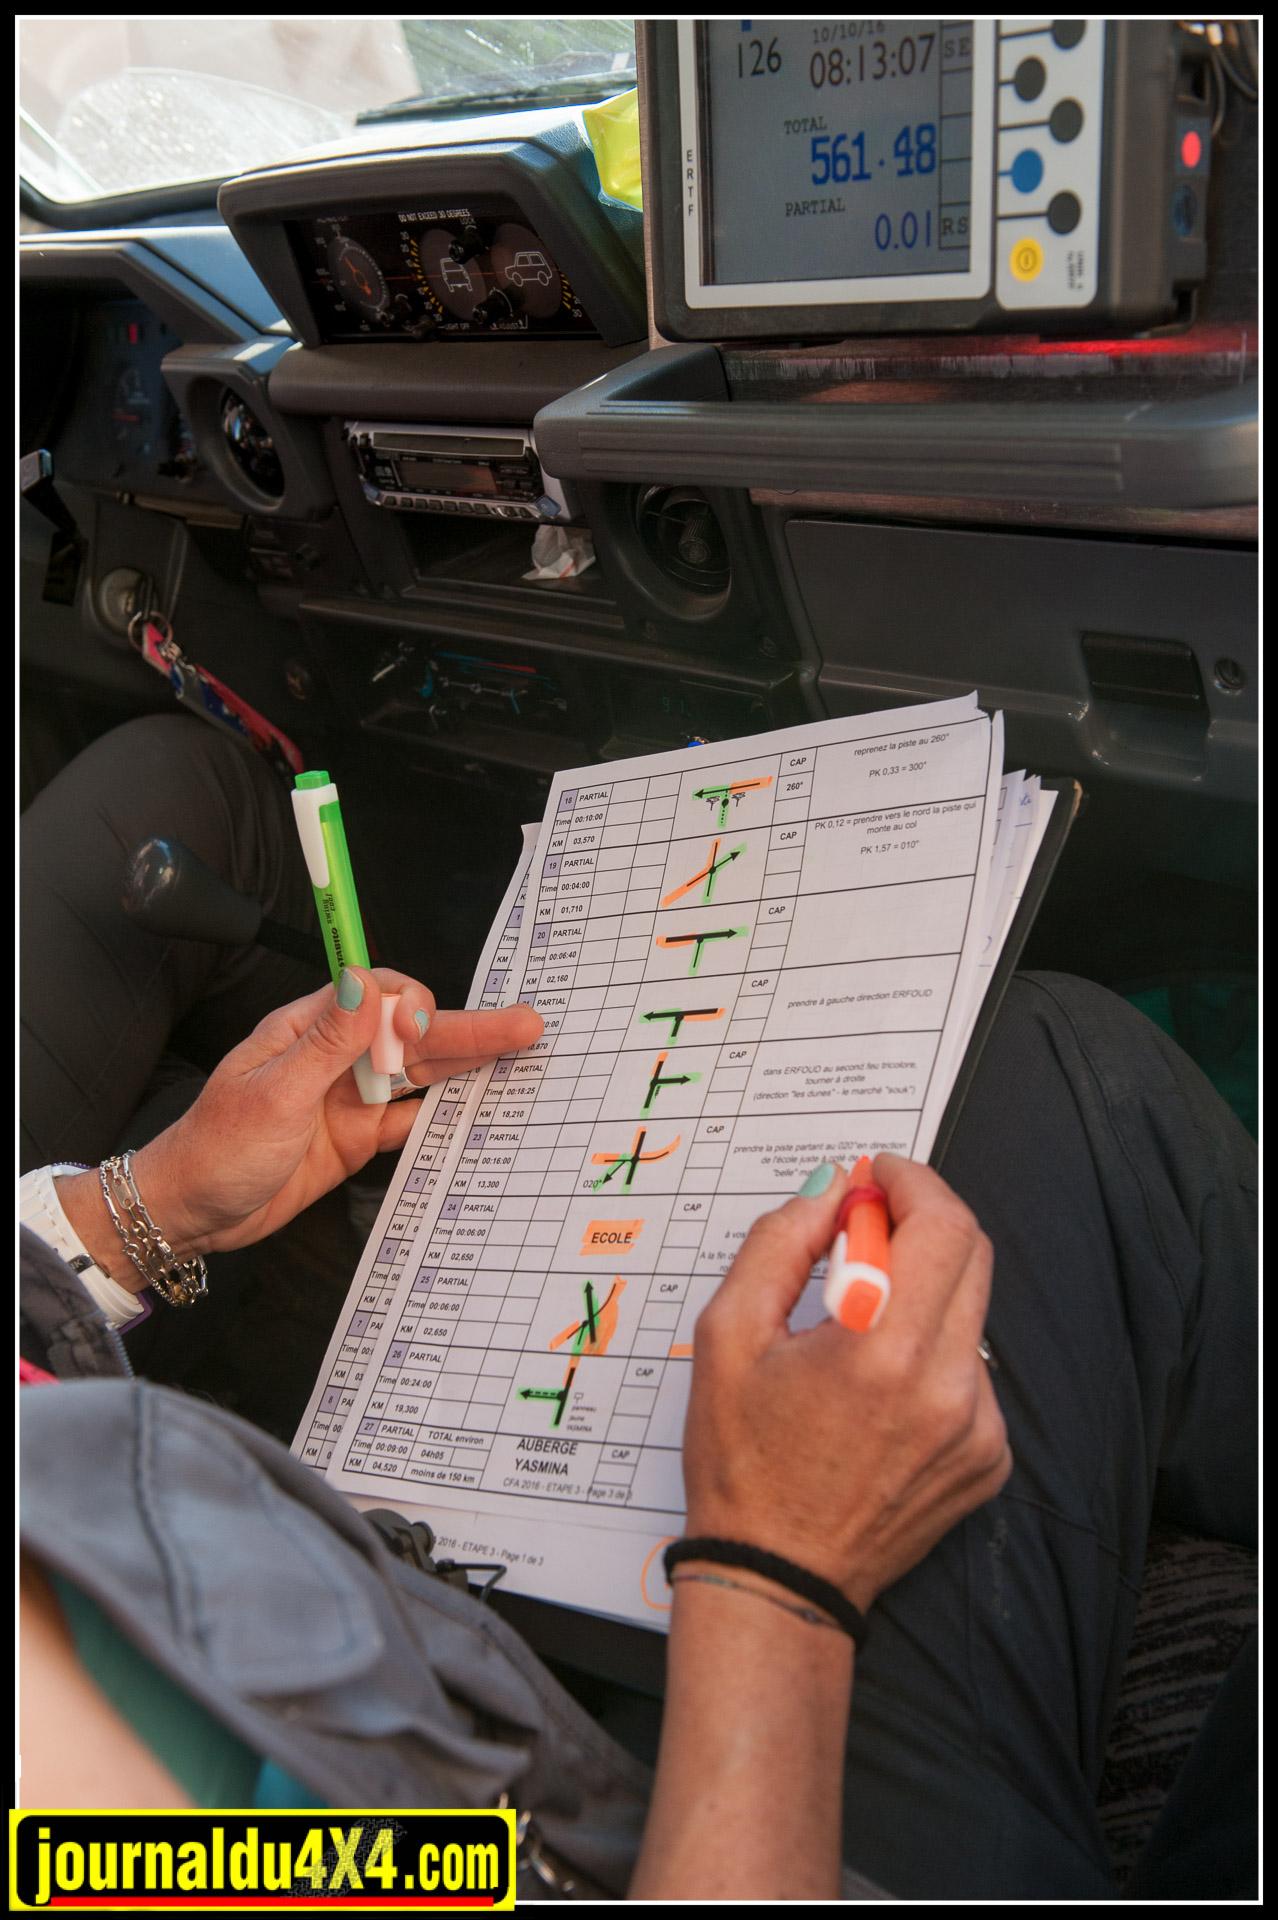 Le road book est étudié avec beaucoup de soins.